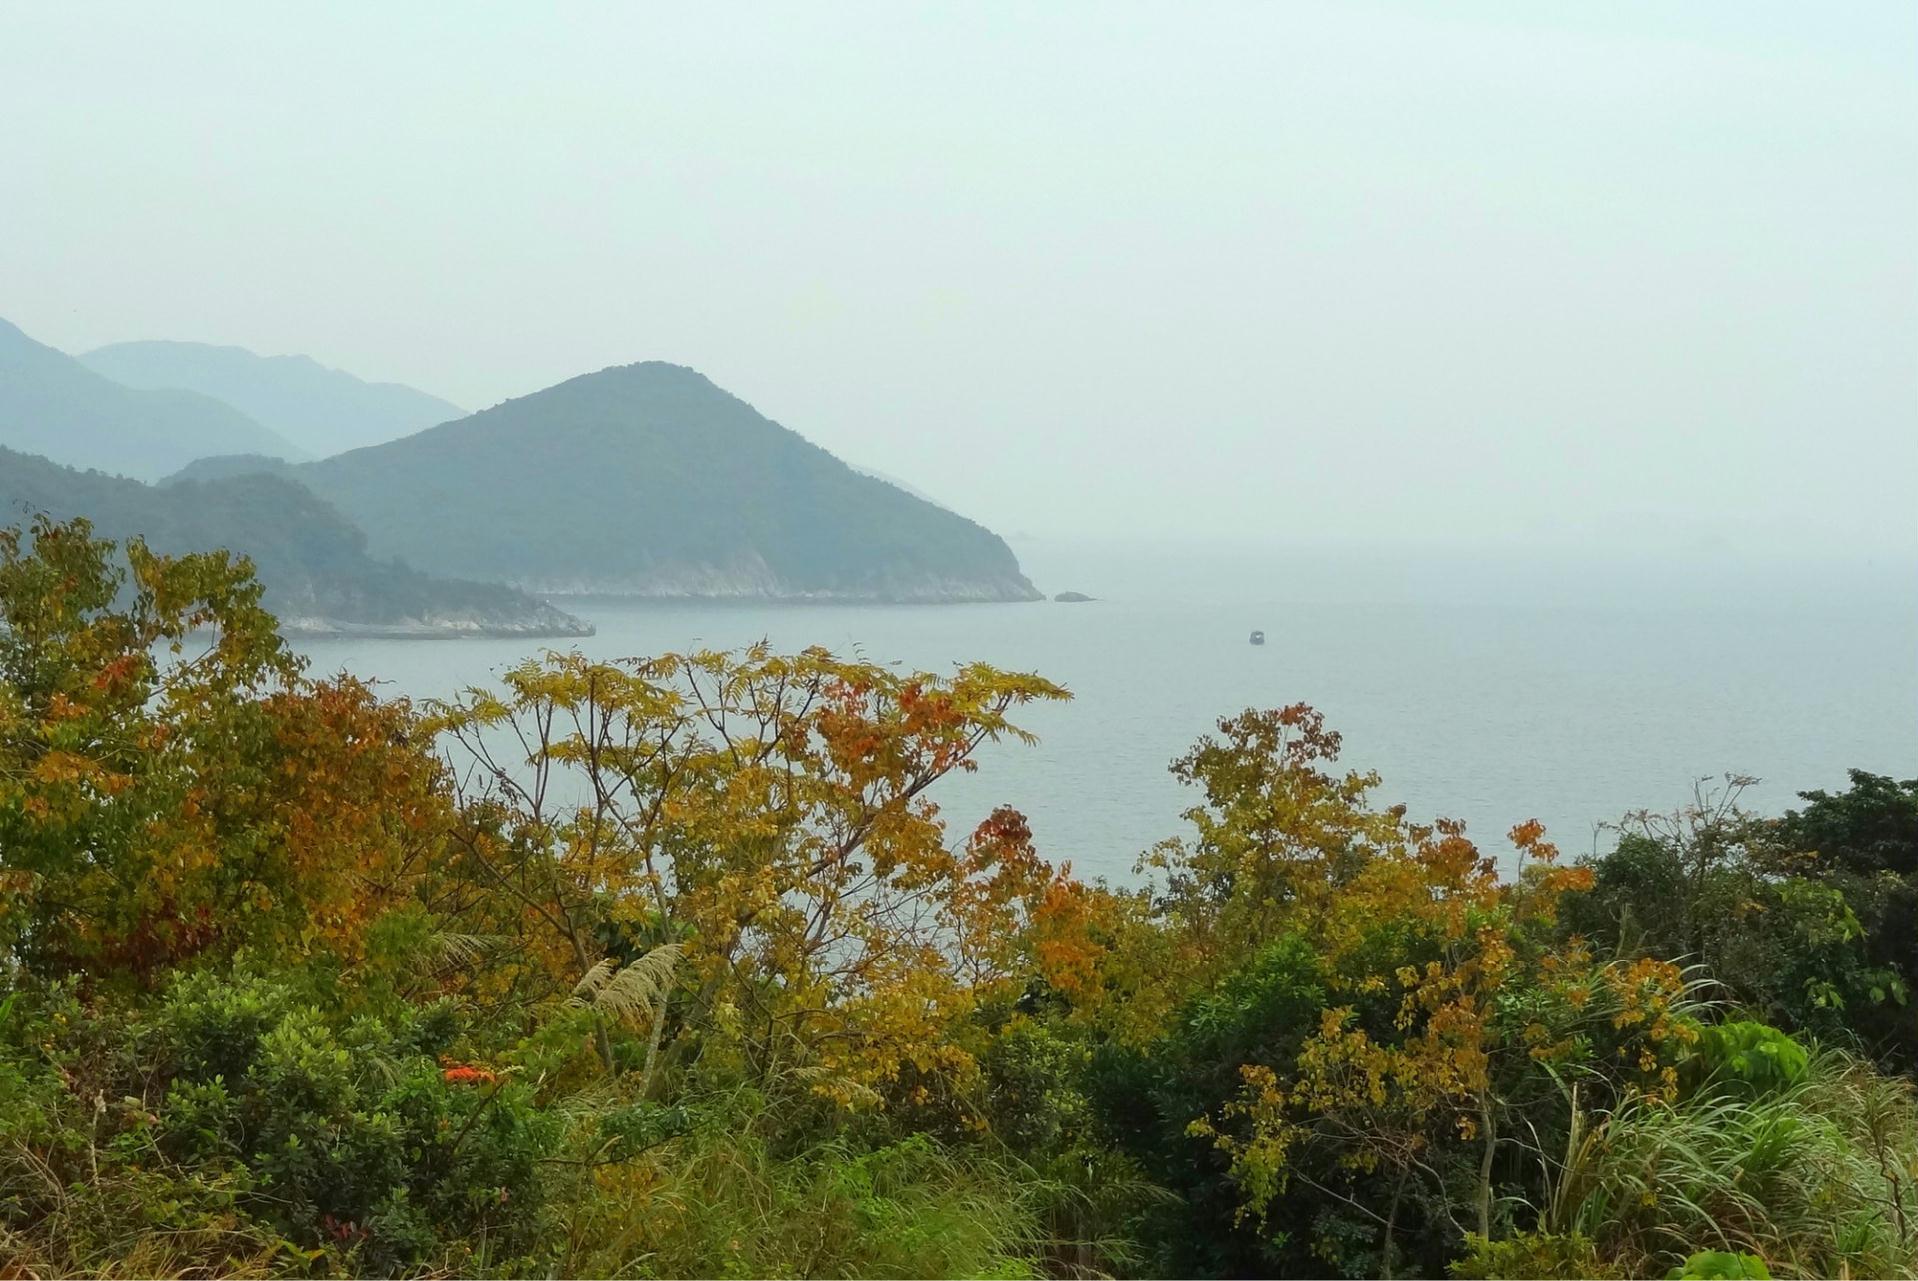 香港新界大屿山一日游攻略